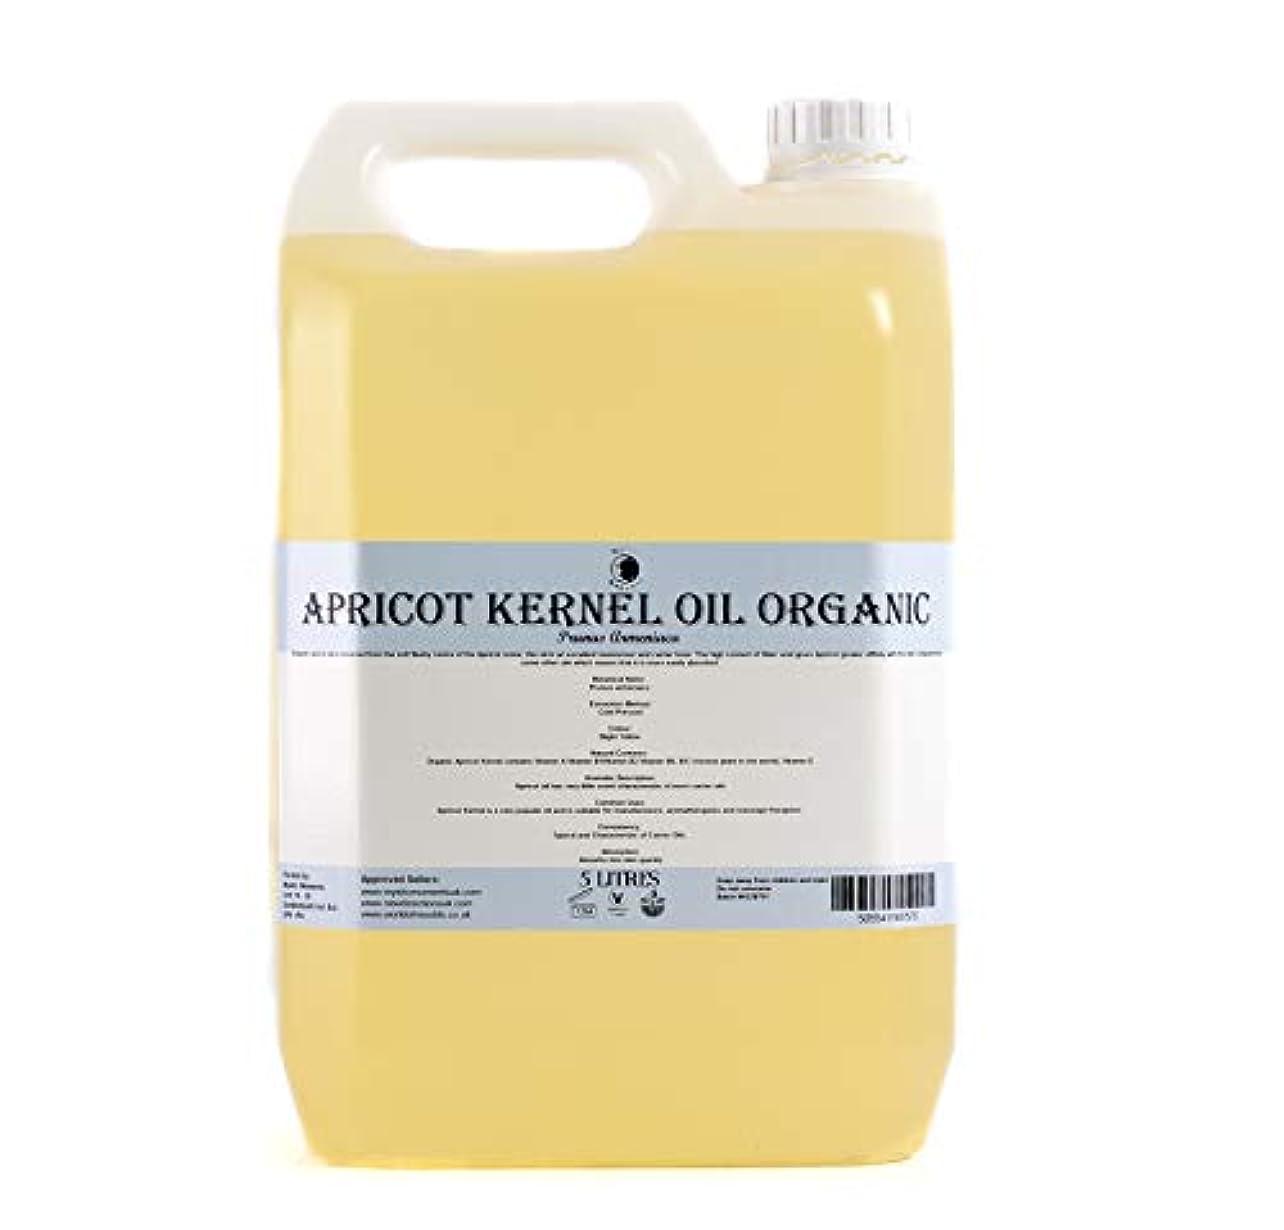 逆お請求書Mystic Moments   Apricot Kernel Organic Carrier Oil - 5 Litres - 100% Pure